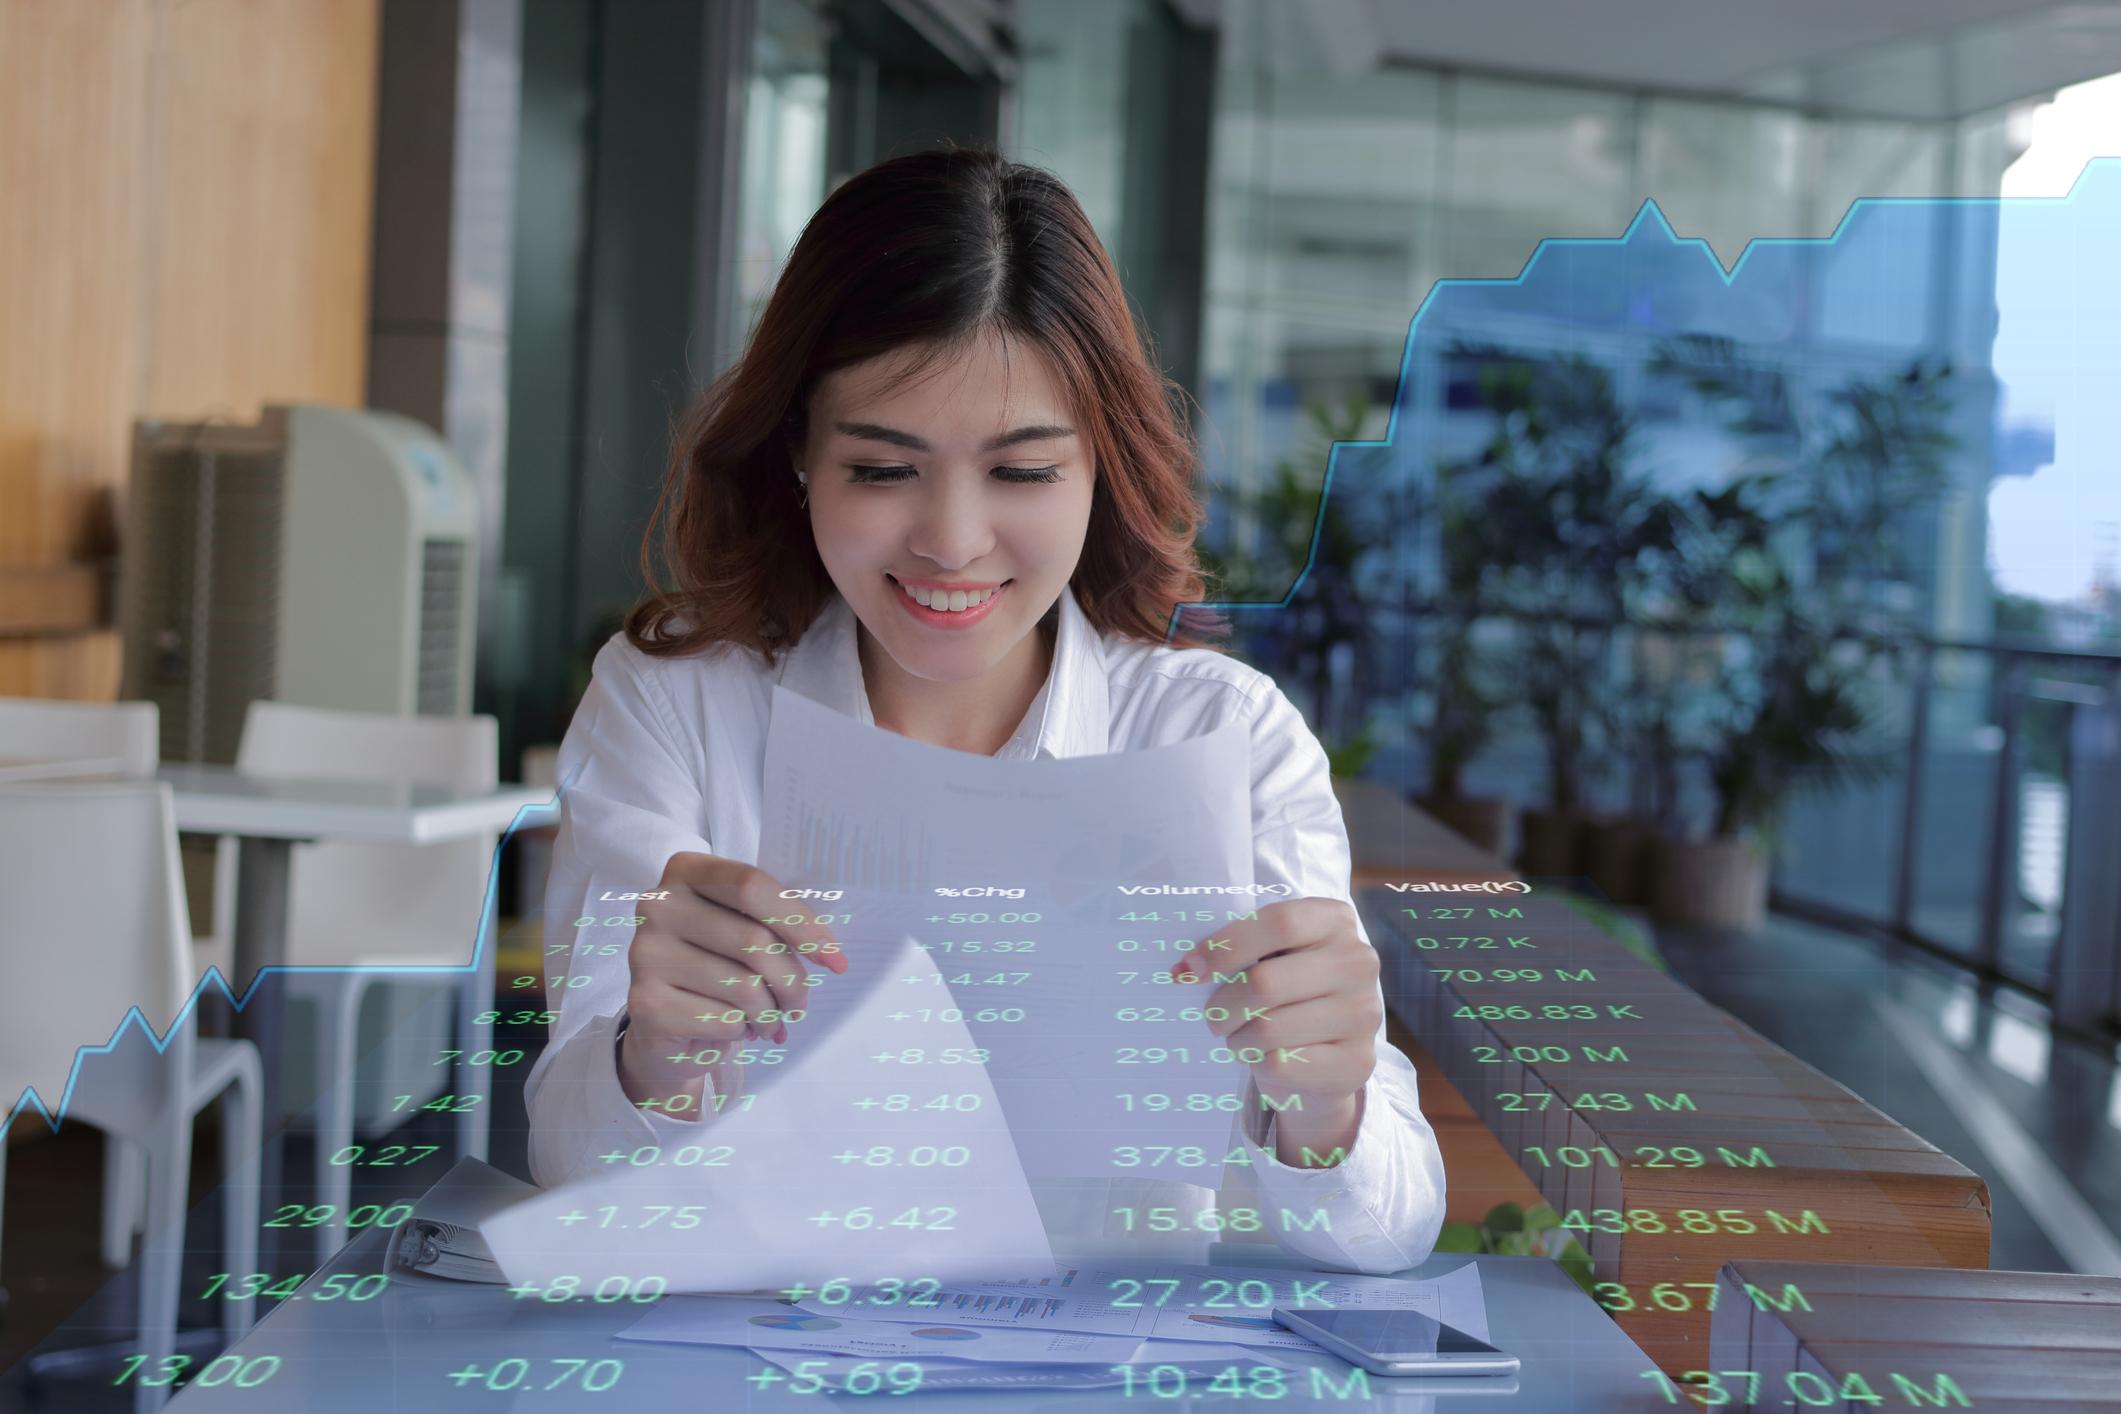 【タイ出身者募集】東京で研修後、バンコクオフィスでアシスタントとして働ける人募集!